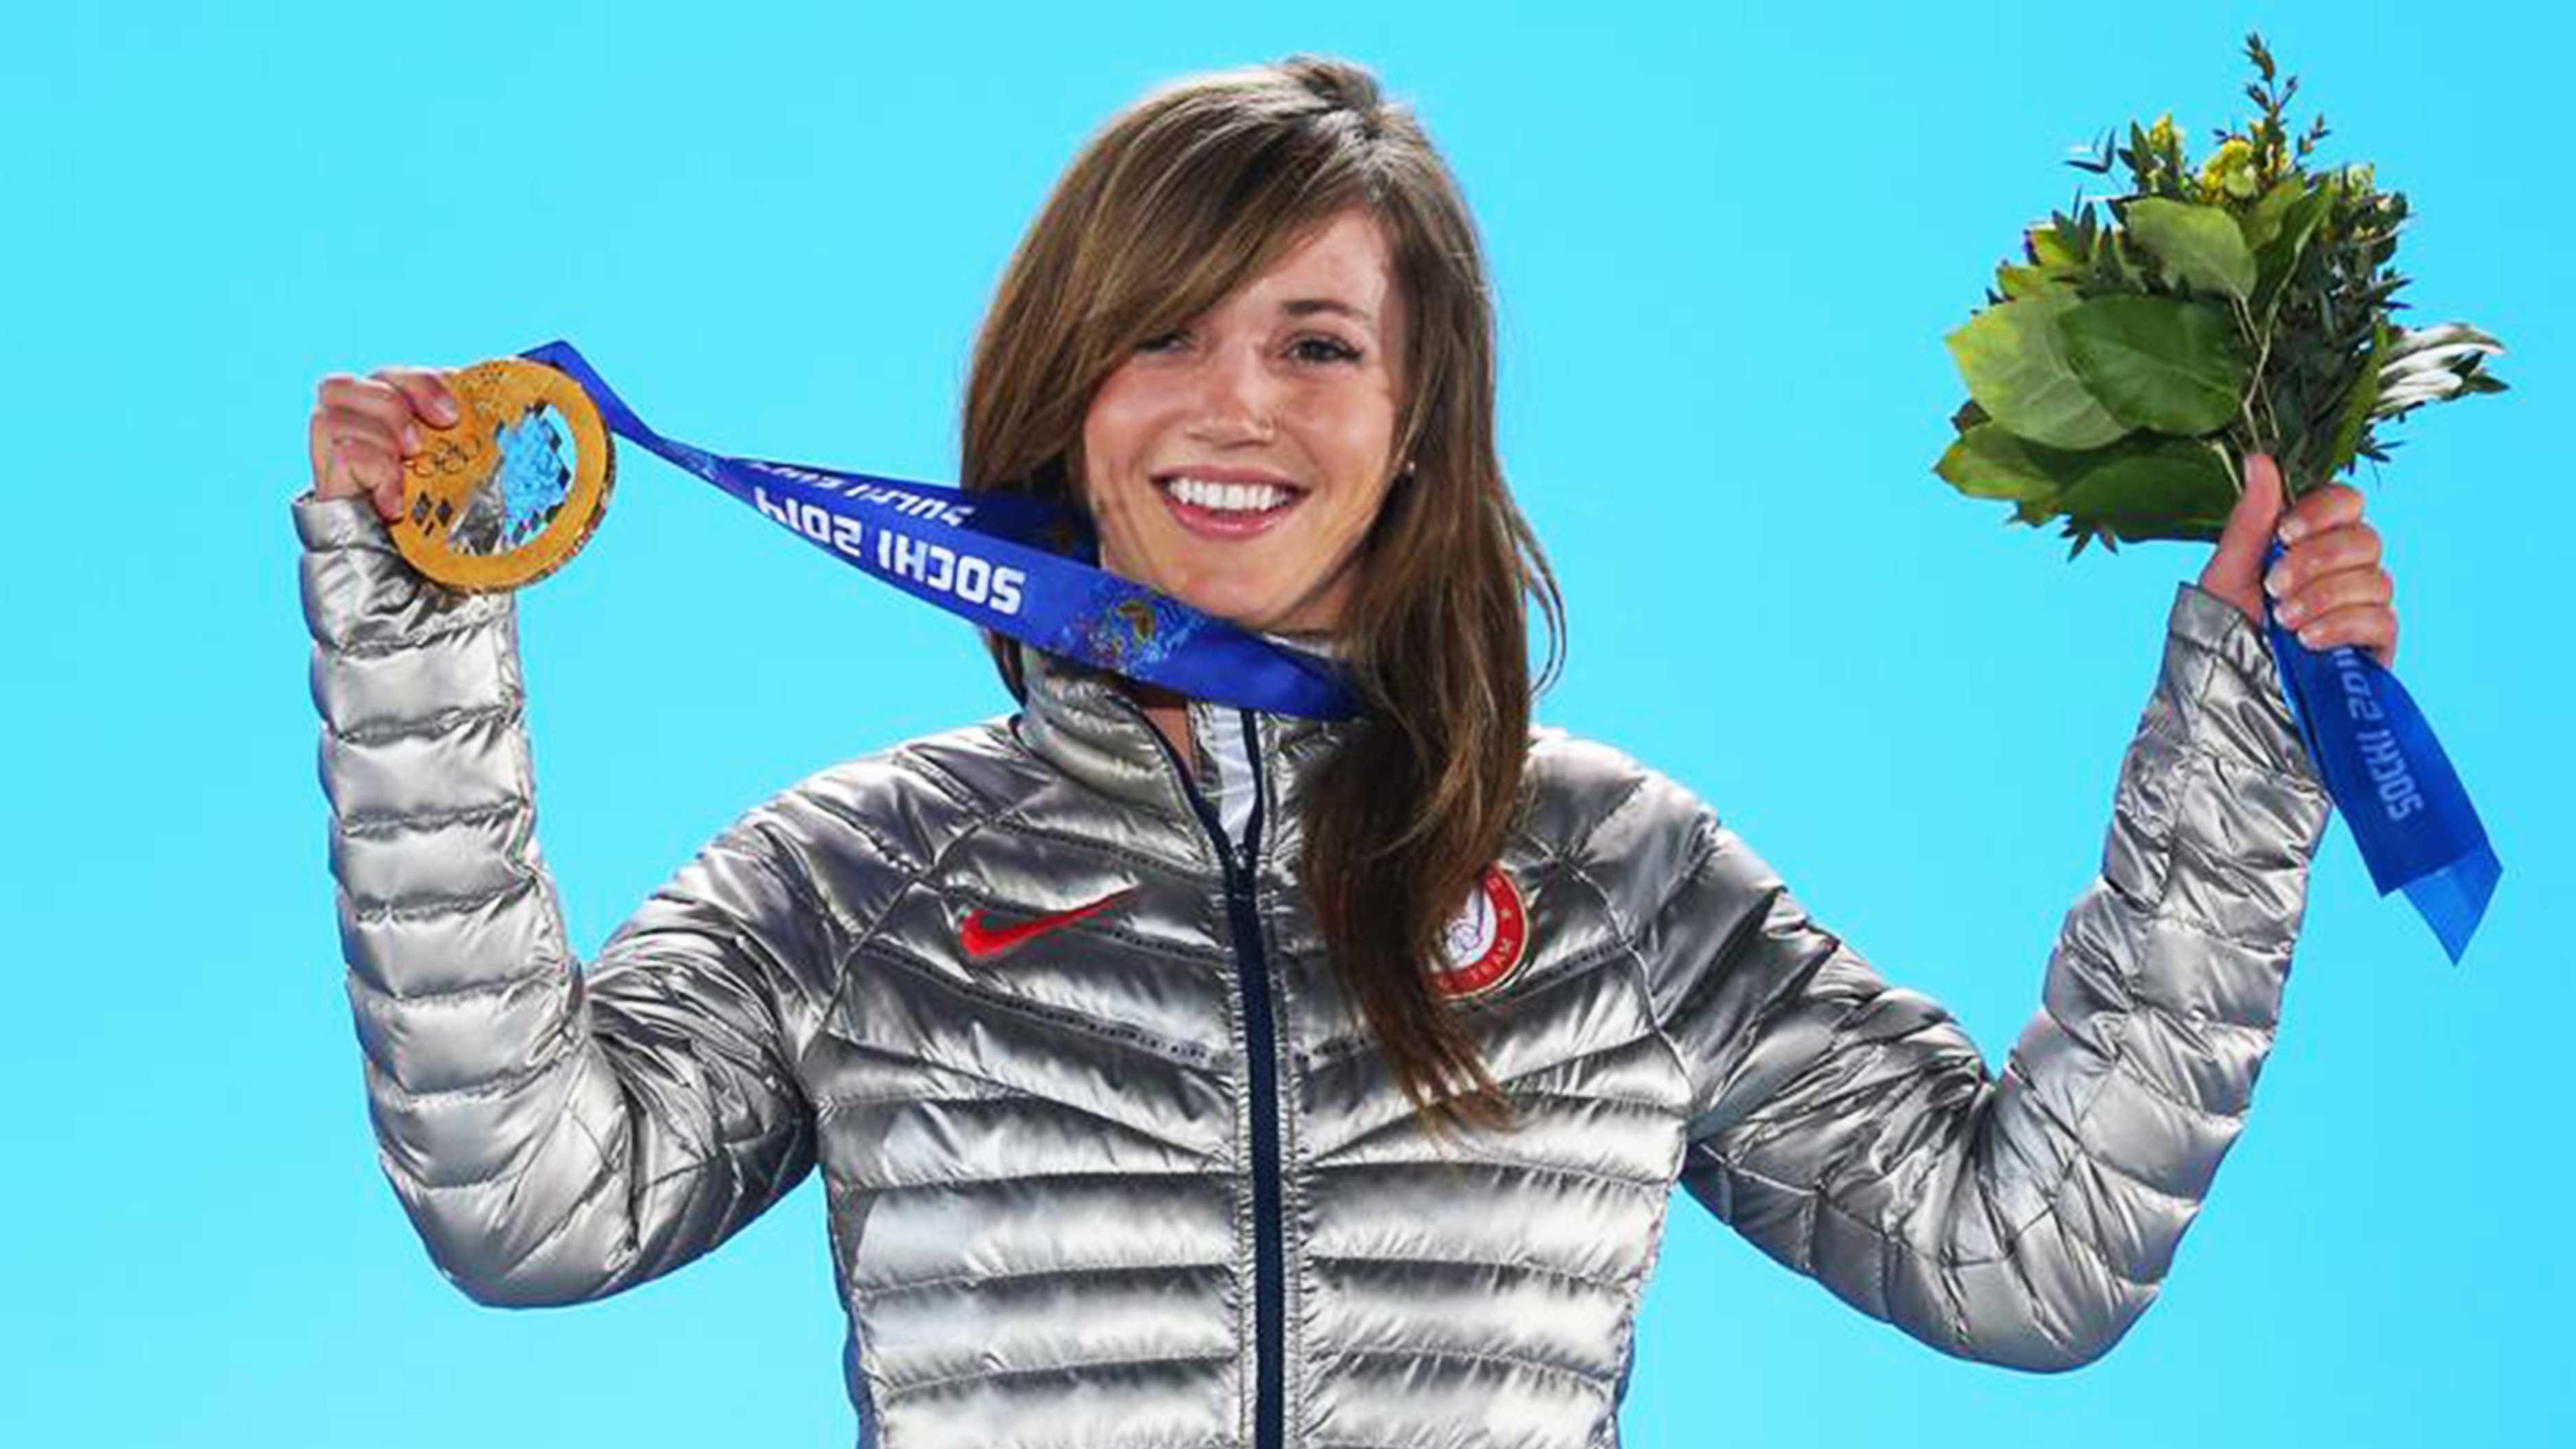 farrington_medal.jpg